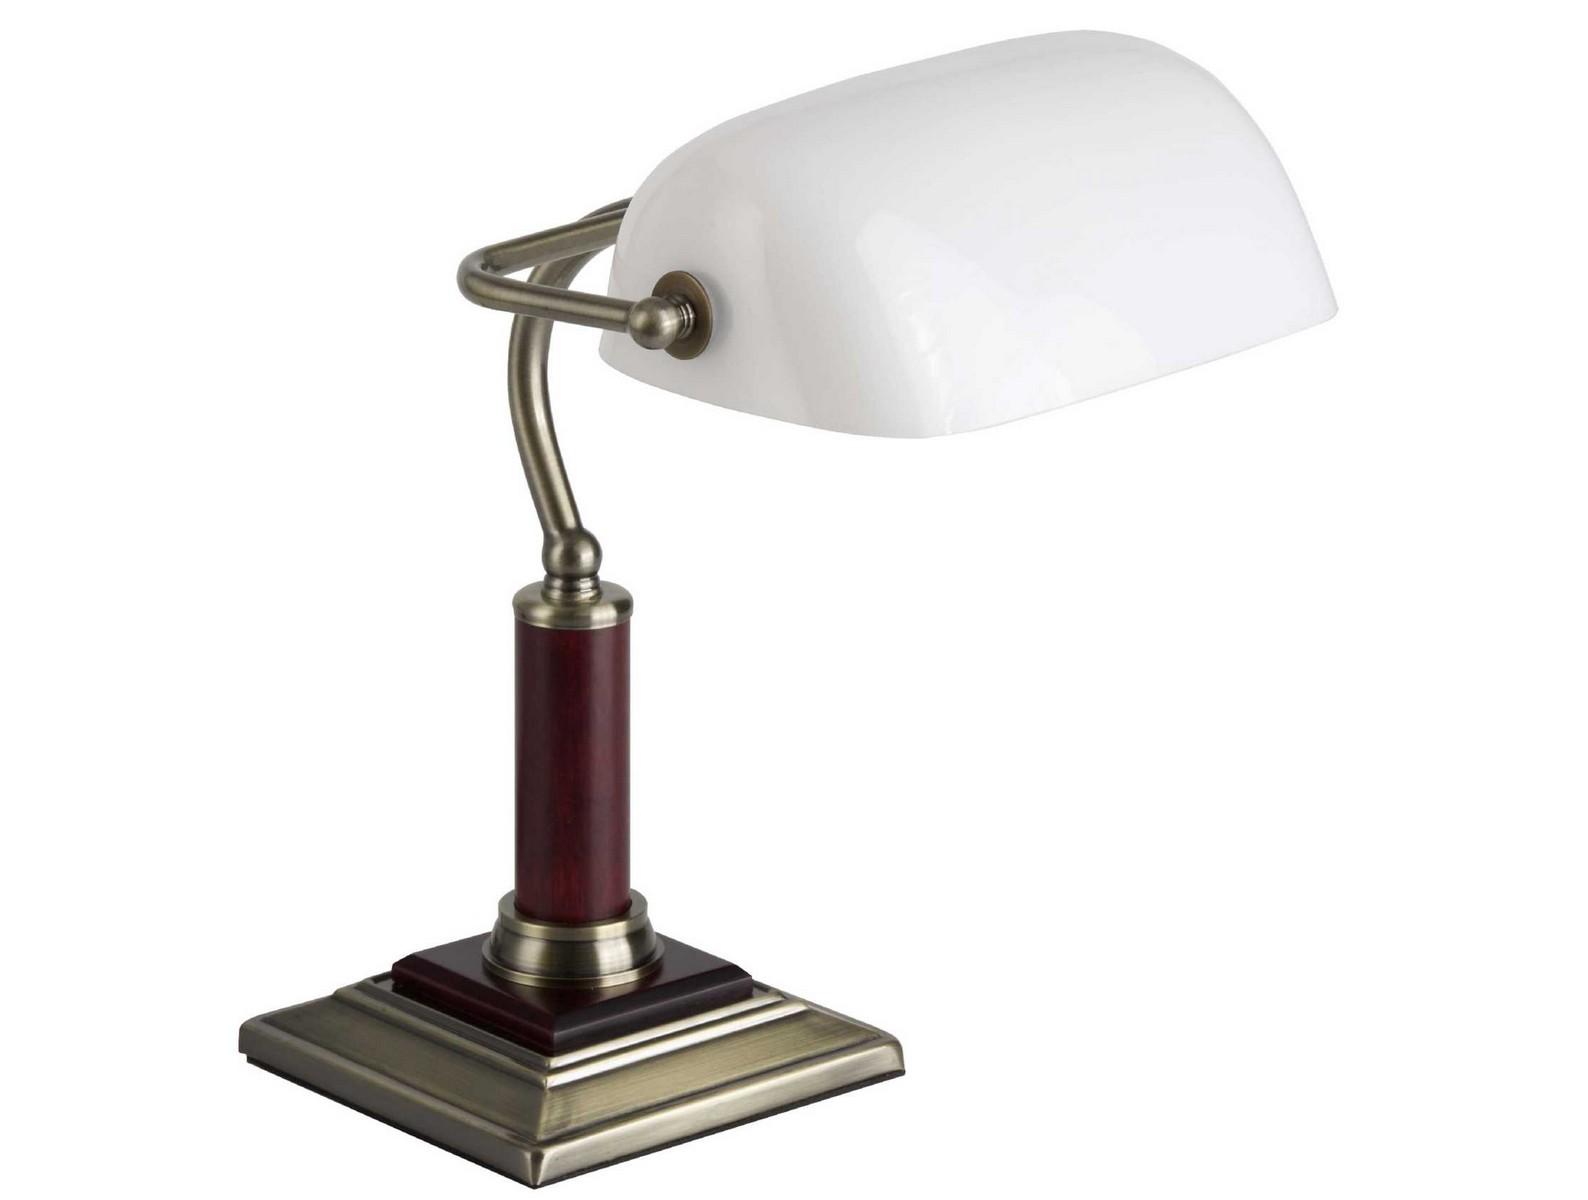 Лампа настольная BankirДекоративные лампы<br>Вид цоколя: E27&amp;amp;nbsp;&amp;lt;div&amp;gt;Количество ламп: 1&amp;amp;nbsp;&amp;lt;/div&amp;gt;&amp;lt;div&amp;gt;Наличие ламп: отсутствуют&amp;amp;nbsp;&amp;lt;/div&amp;gt;&amp;lt;div&amp;gt;Мощность лампы: 60W&amp;lt;/div&amp;gt;<br><br>Material: Стекло<br>Width см: 14<br>Depth см: 26<br>Height см: 32